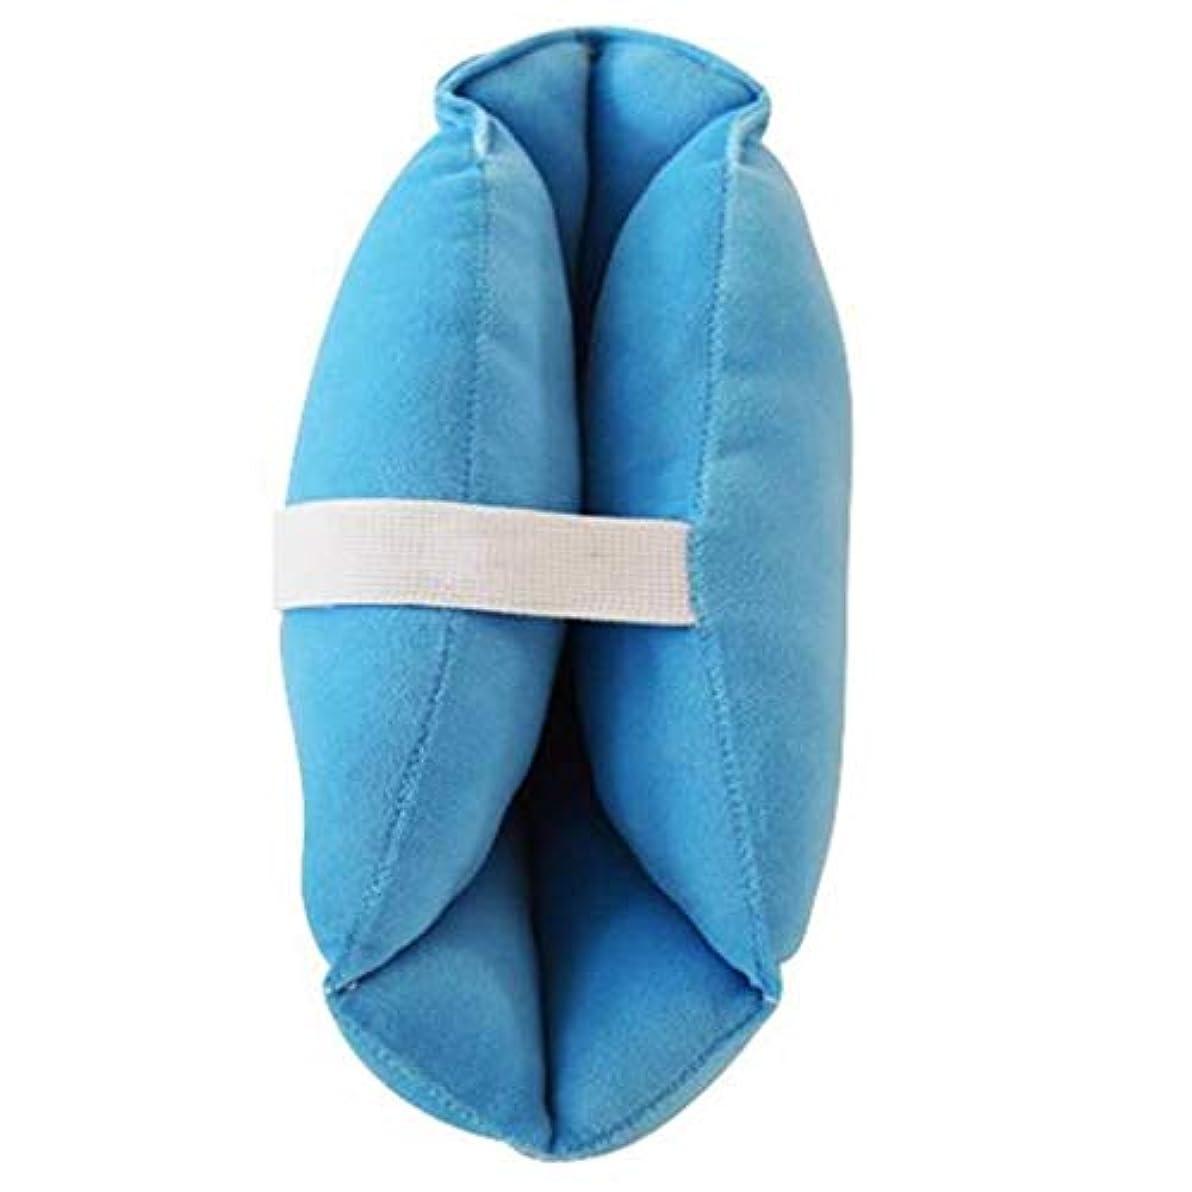 並外れてパーセント引き付けるソフトで快適なヒールプロテクター枕、ヒールフローティングヒールプロテクター、,瘡のためのアキレス腱プロテクター、高齢者の足矯正カバー (Color : 1pair)